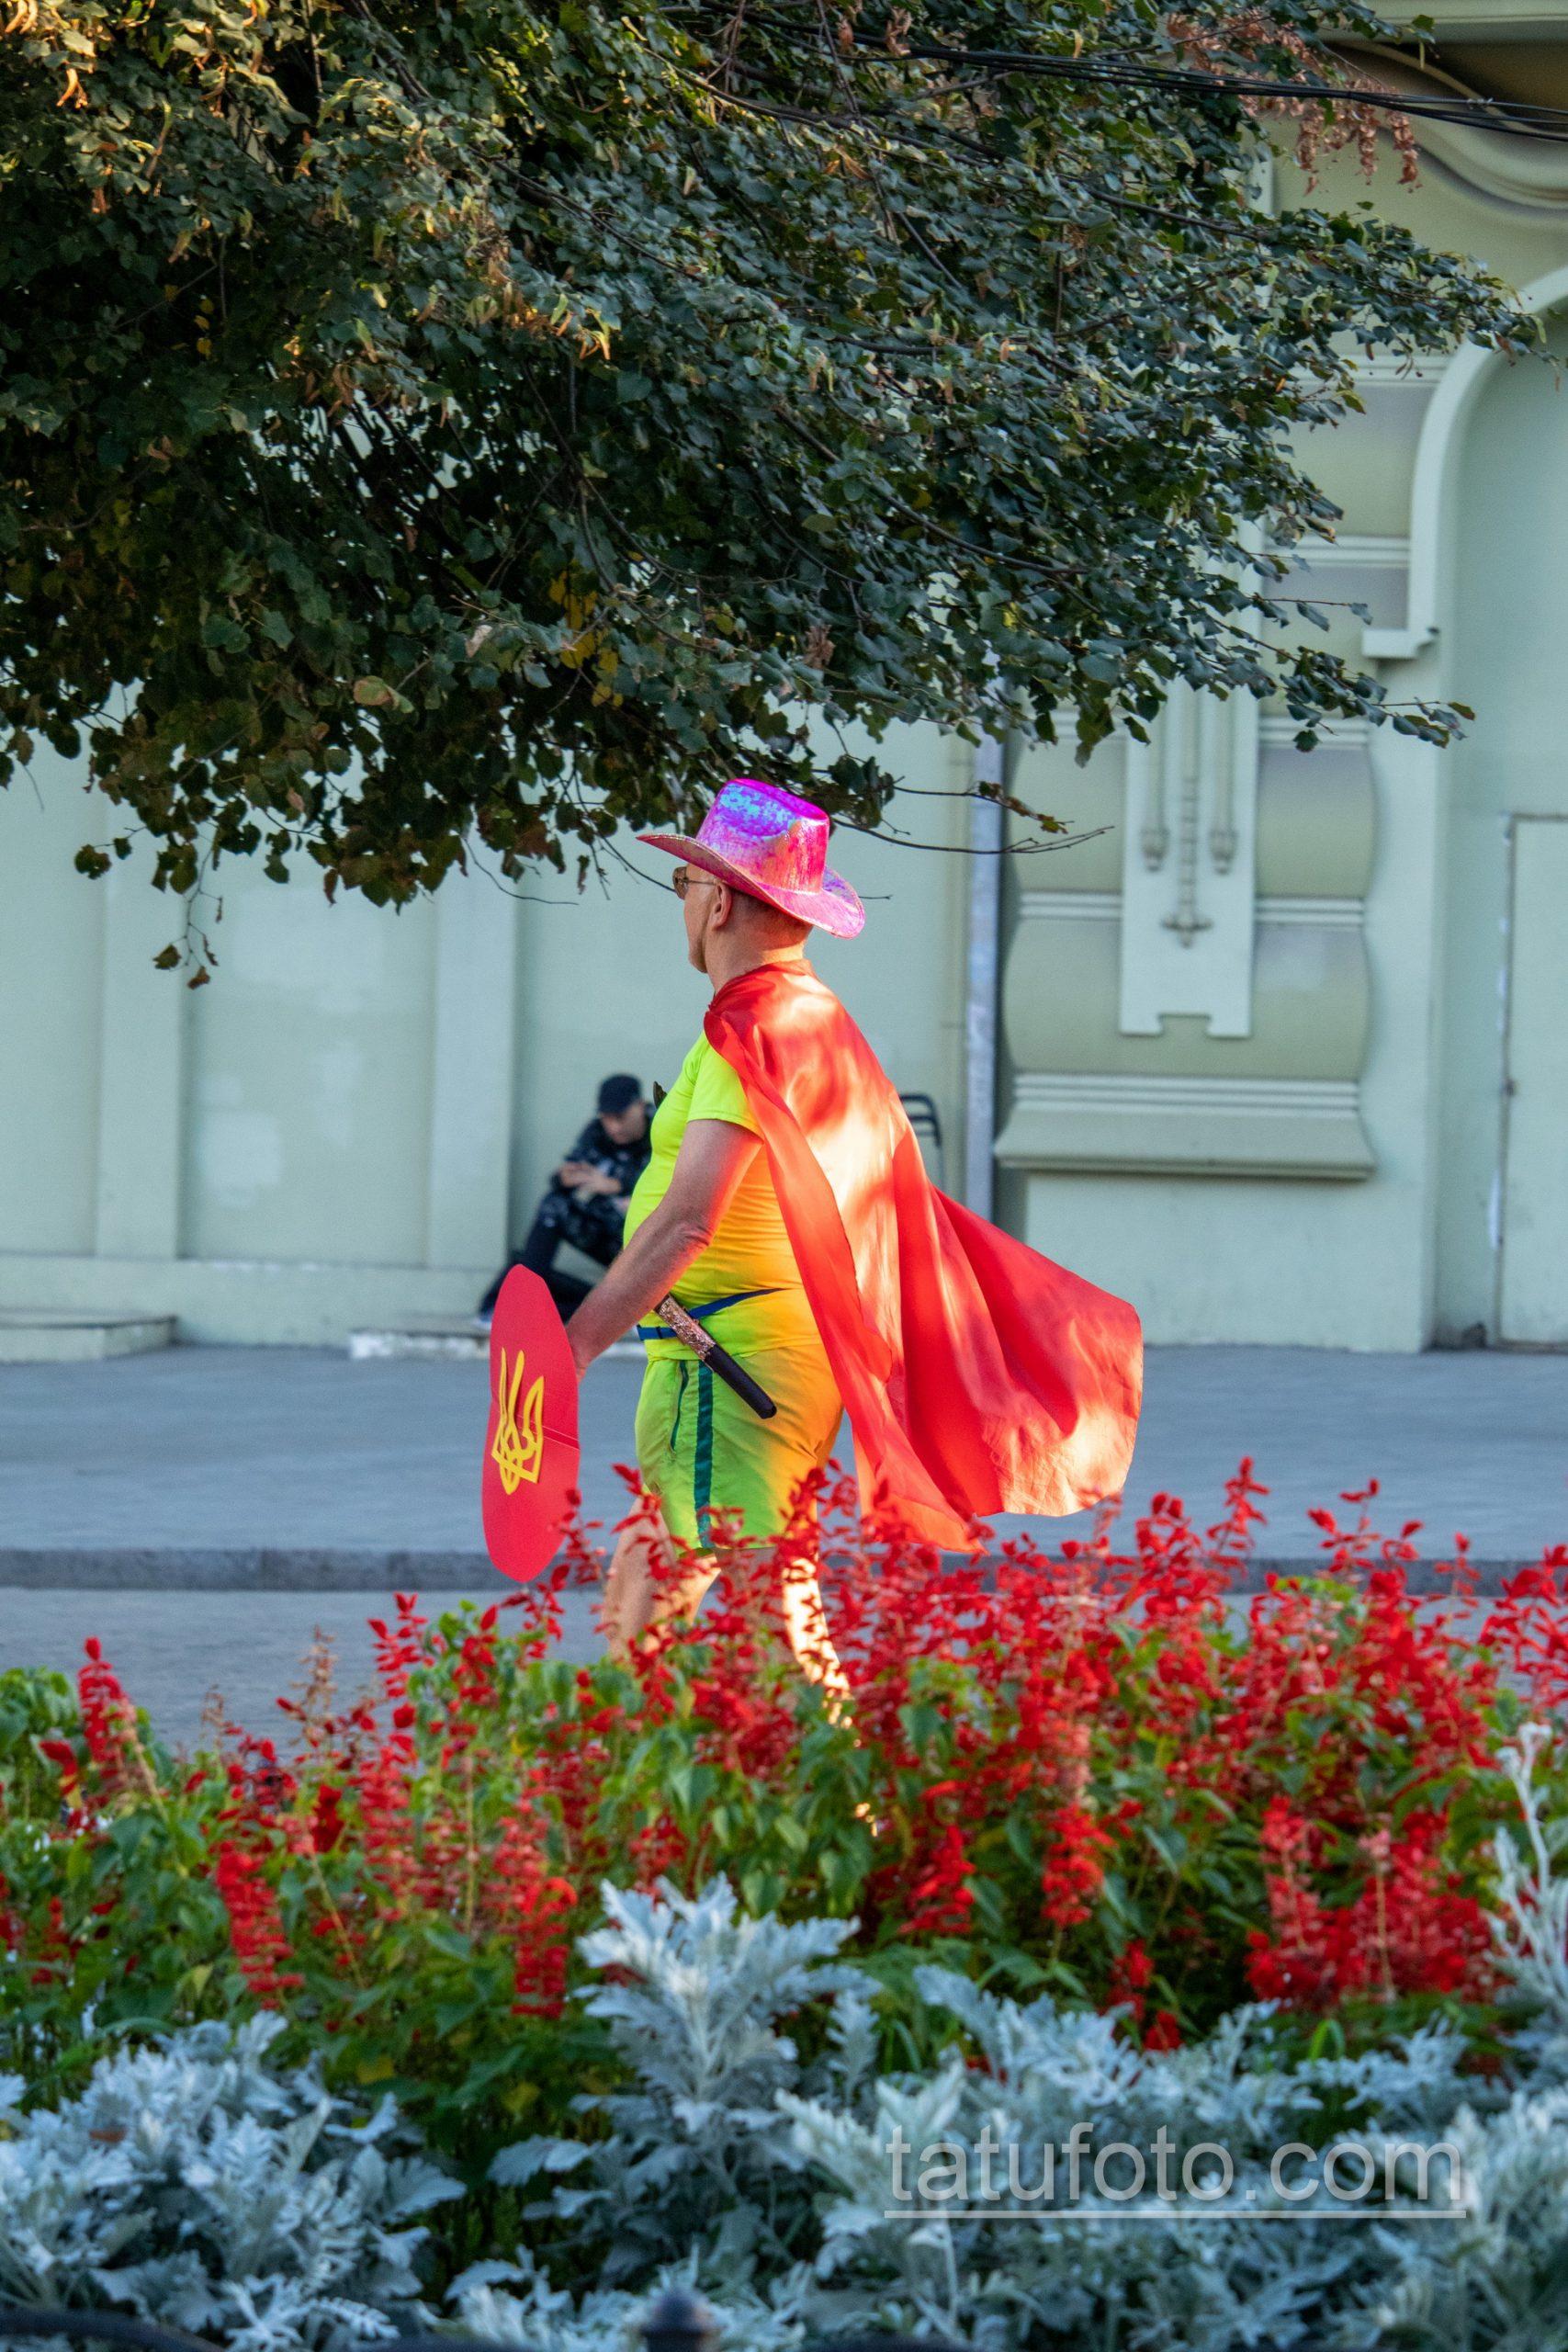 Фото мужчины в костюме героя с плащом и мечем – щитом с украинским гербом – Уличная татуировка 14.09.2020 – tatufoto.com 3